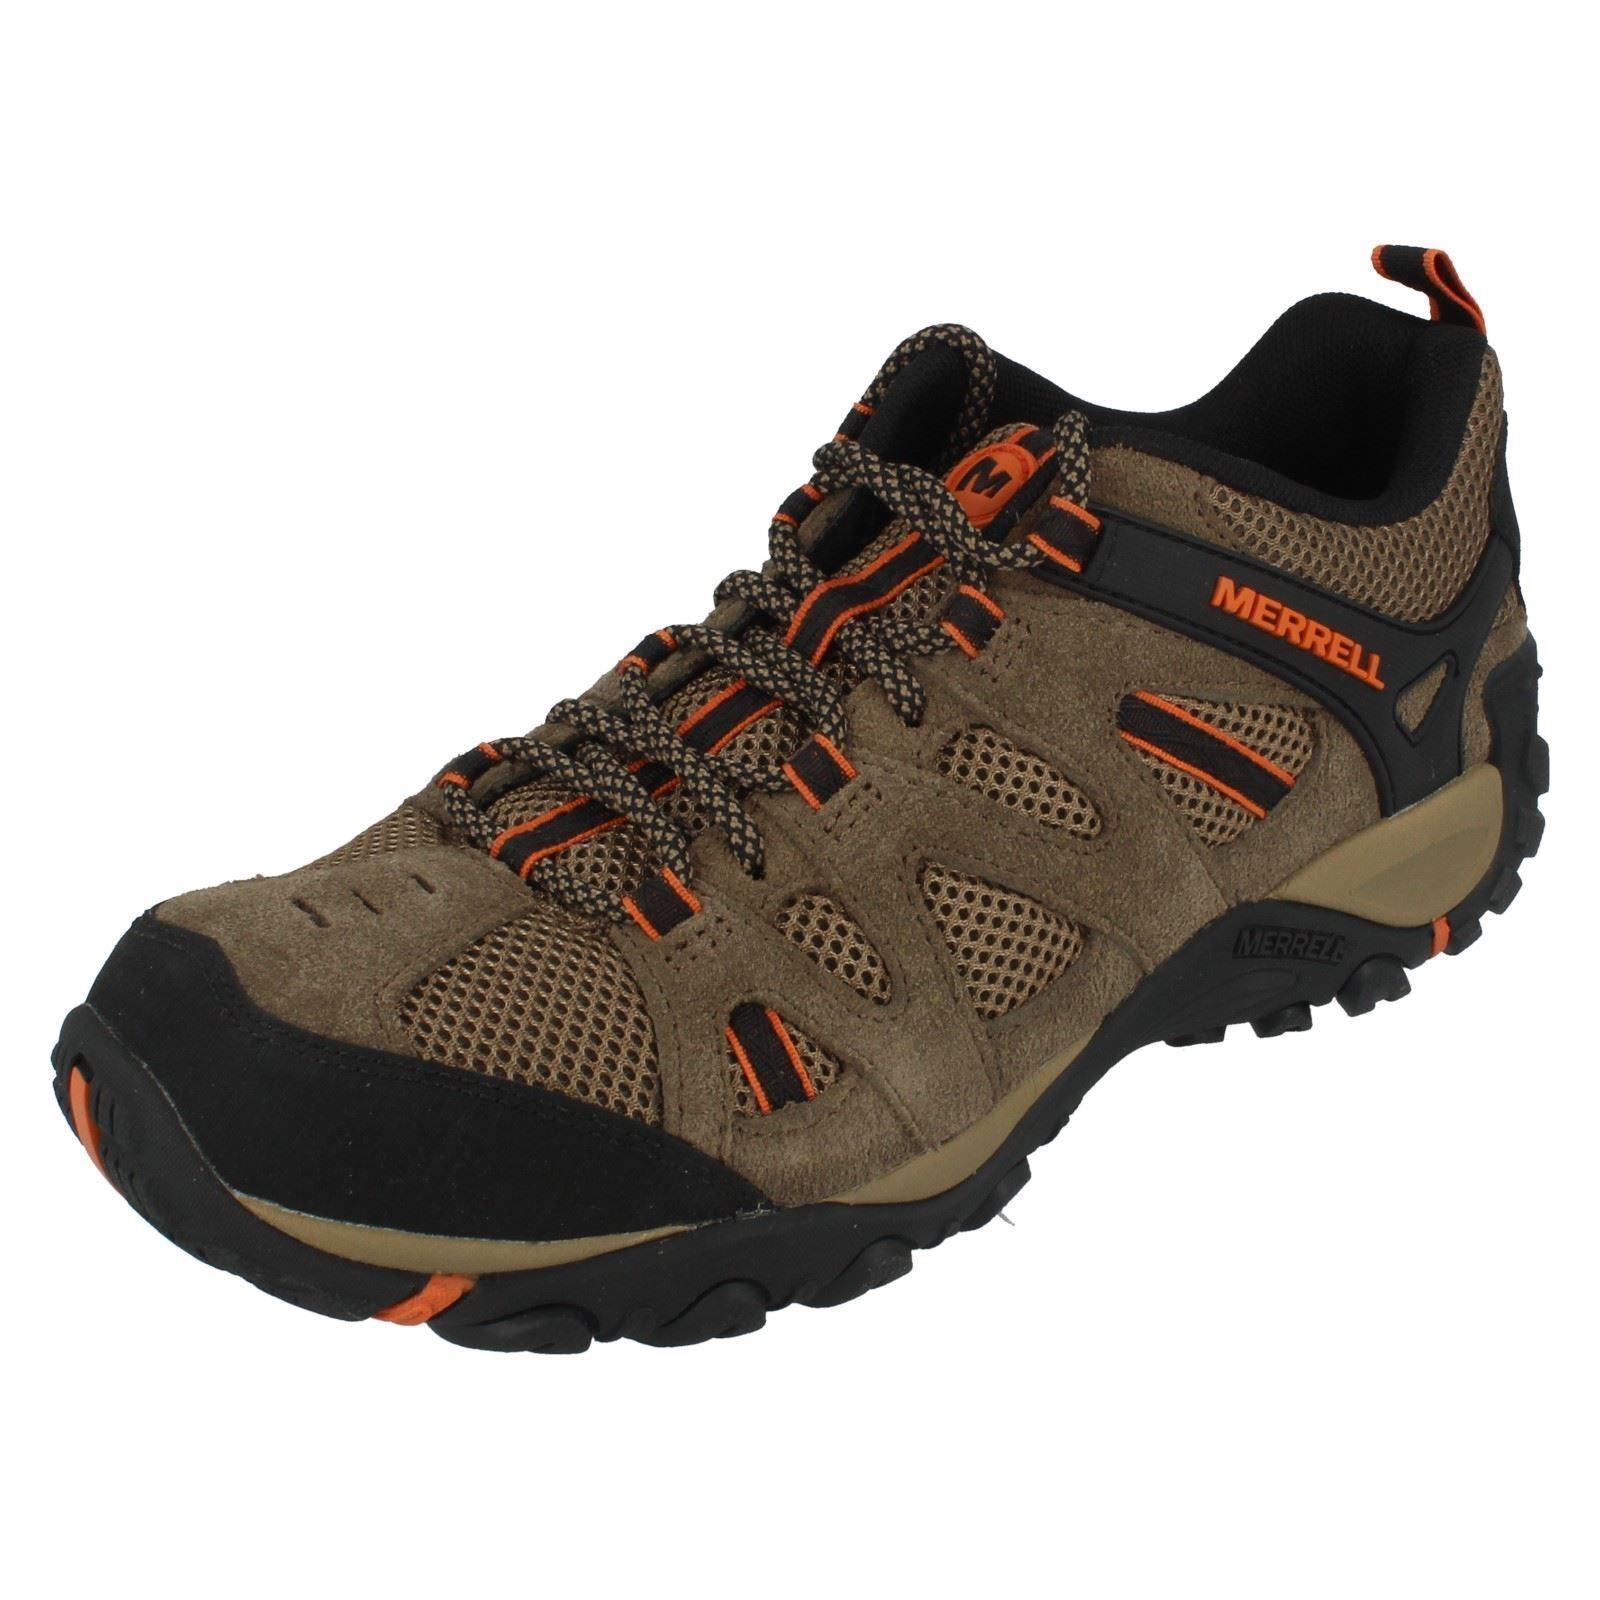 Merrell Yokota Ascender J343718 Mens Walking Trainer